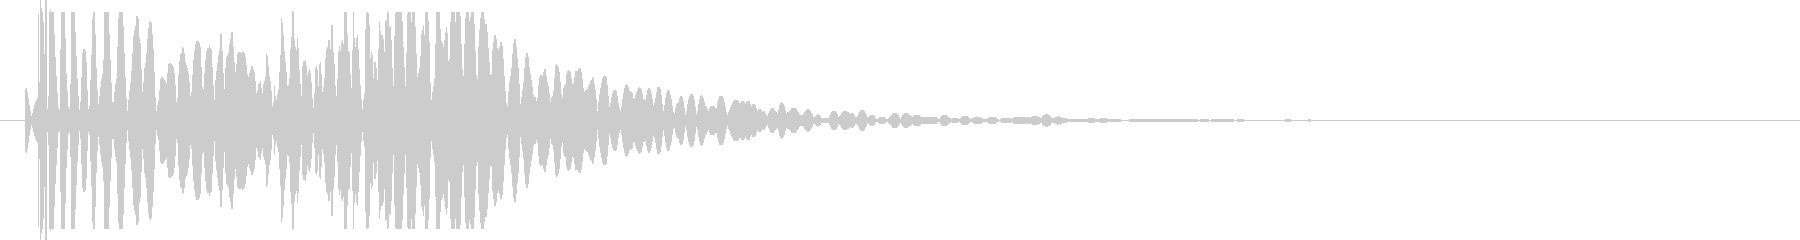 ヘビーロータンピングラバーヒットの未再生の波形